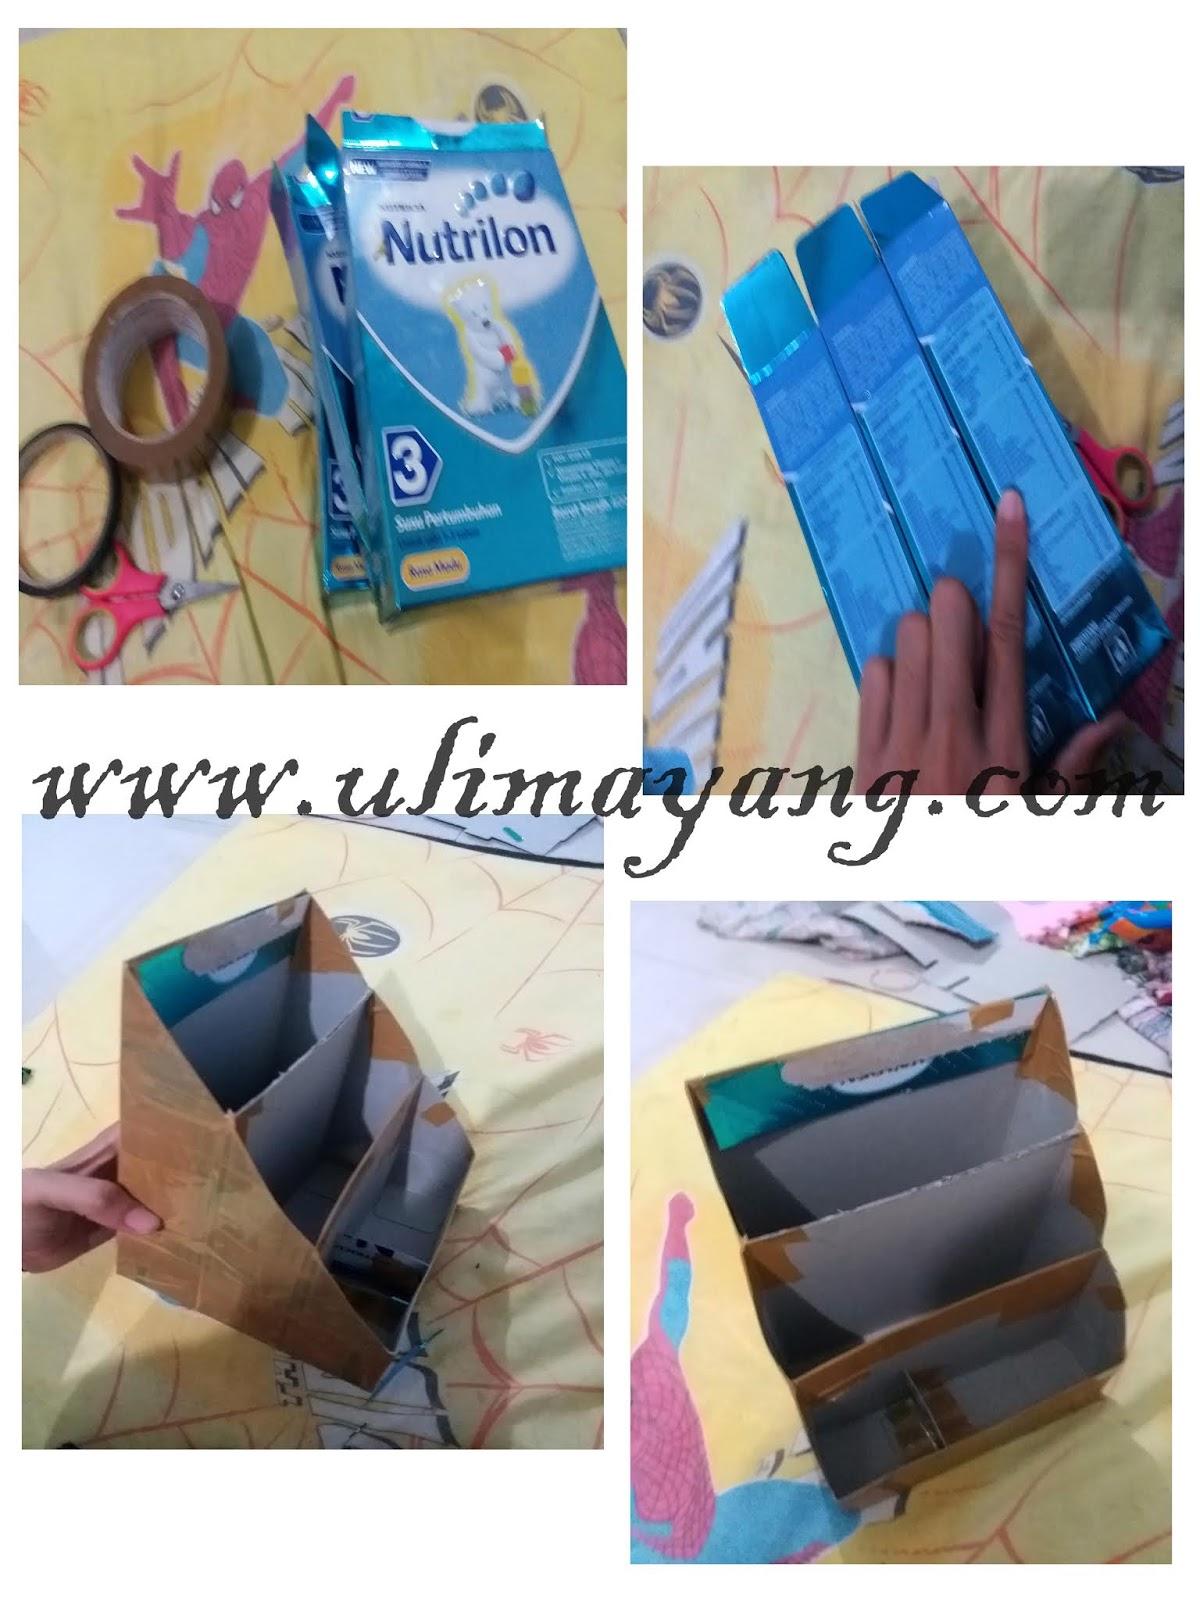 Cara Membuat Kotak Kosmetik Dari Kardus : membuat, kotak, kosmetik, kardus, Konsep, Terkini, Tutorial, Bikin, Kosmetik, Kardus